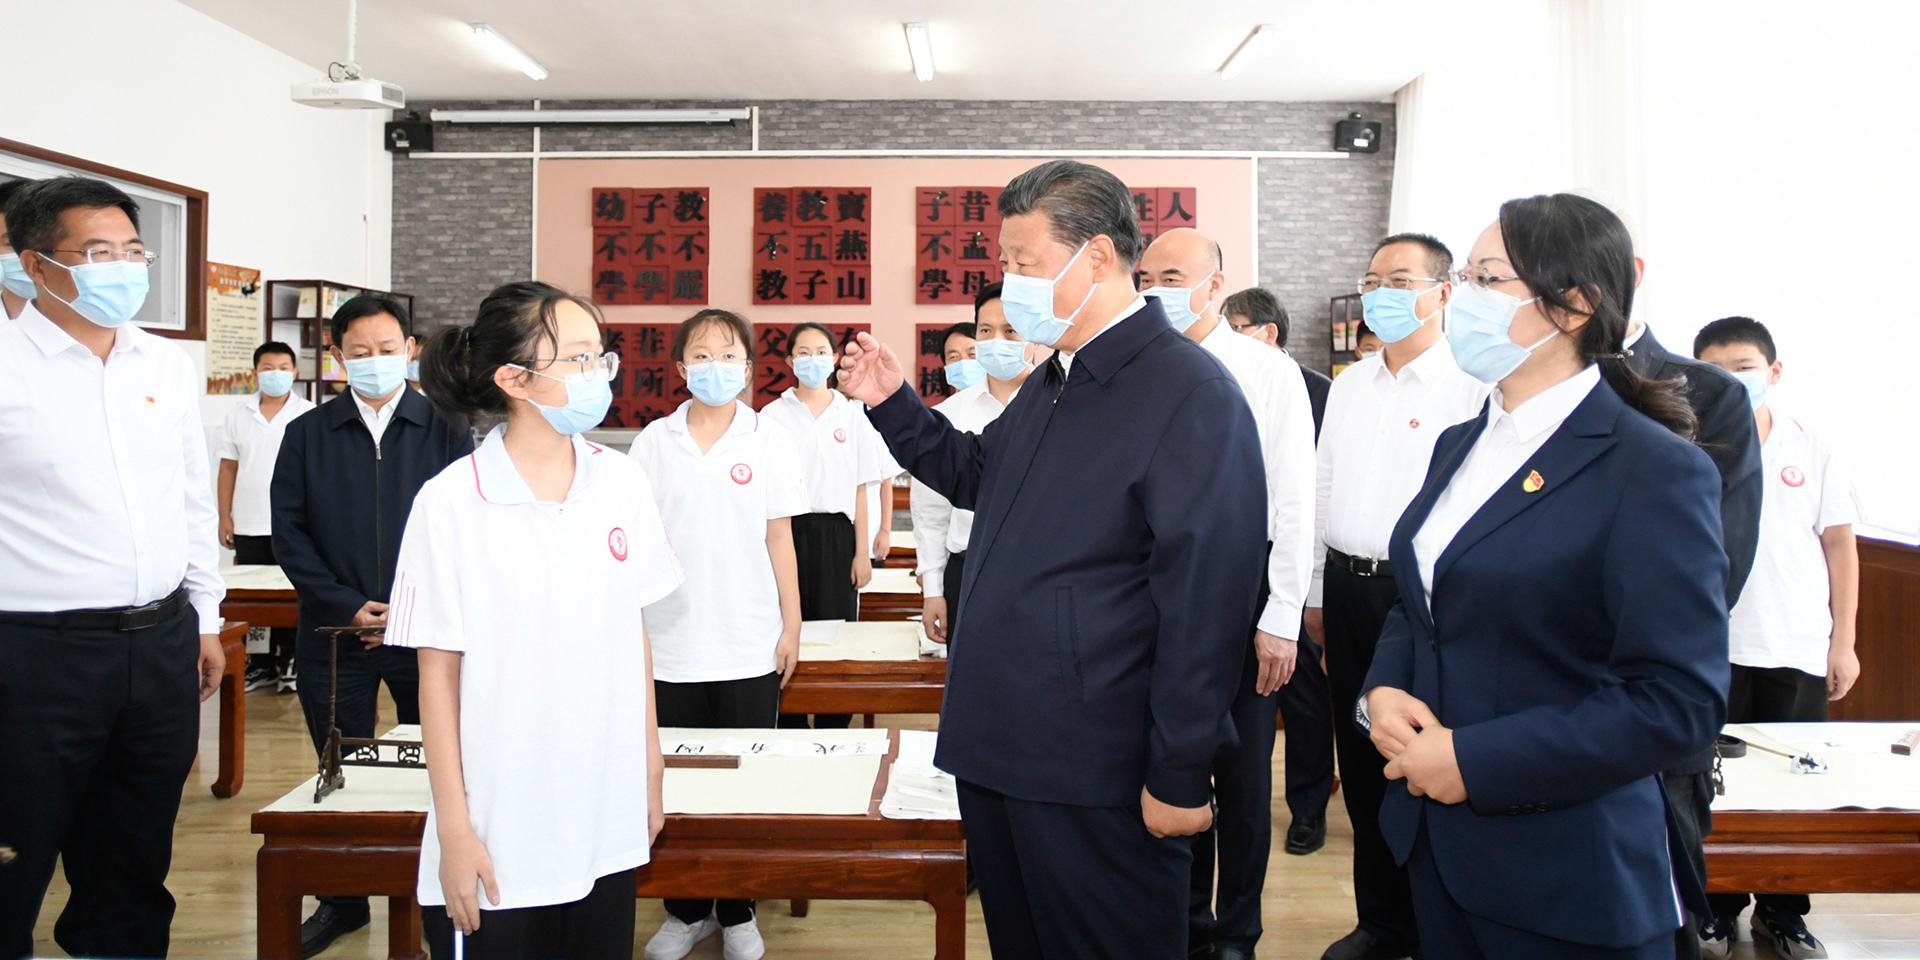 實現中華民族偉大復興,基礎在教育。